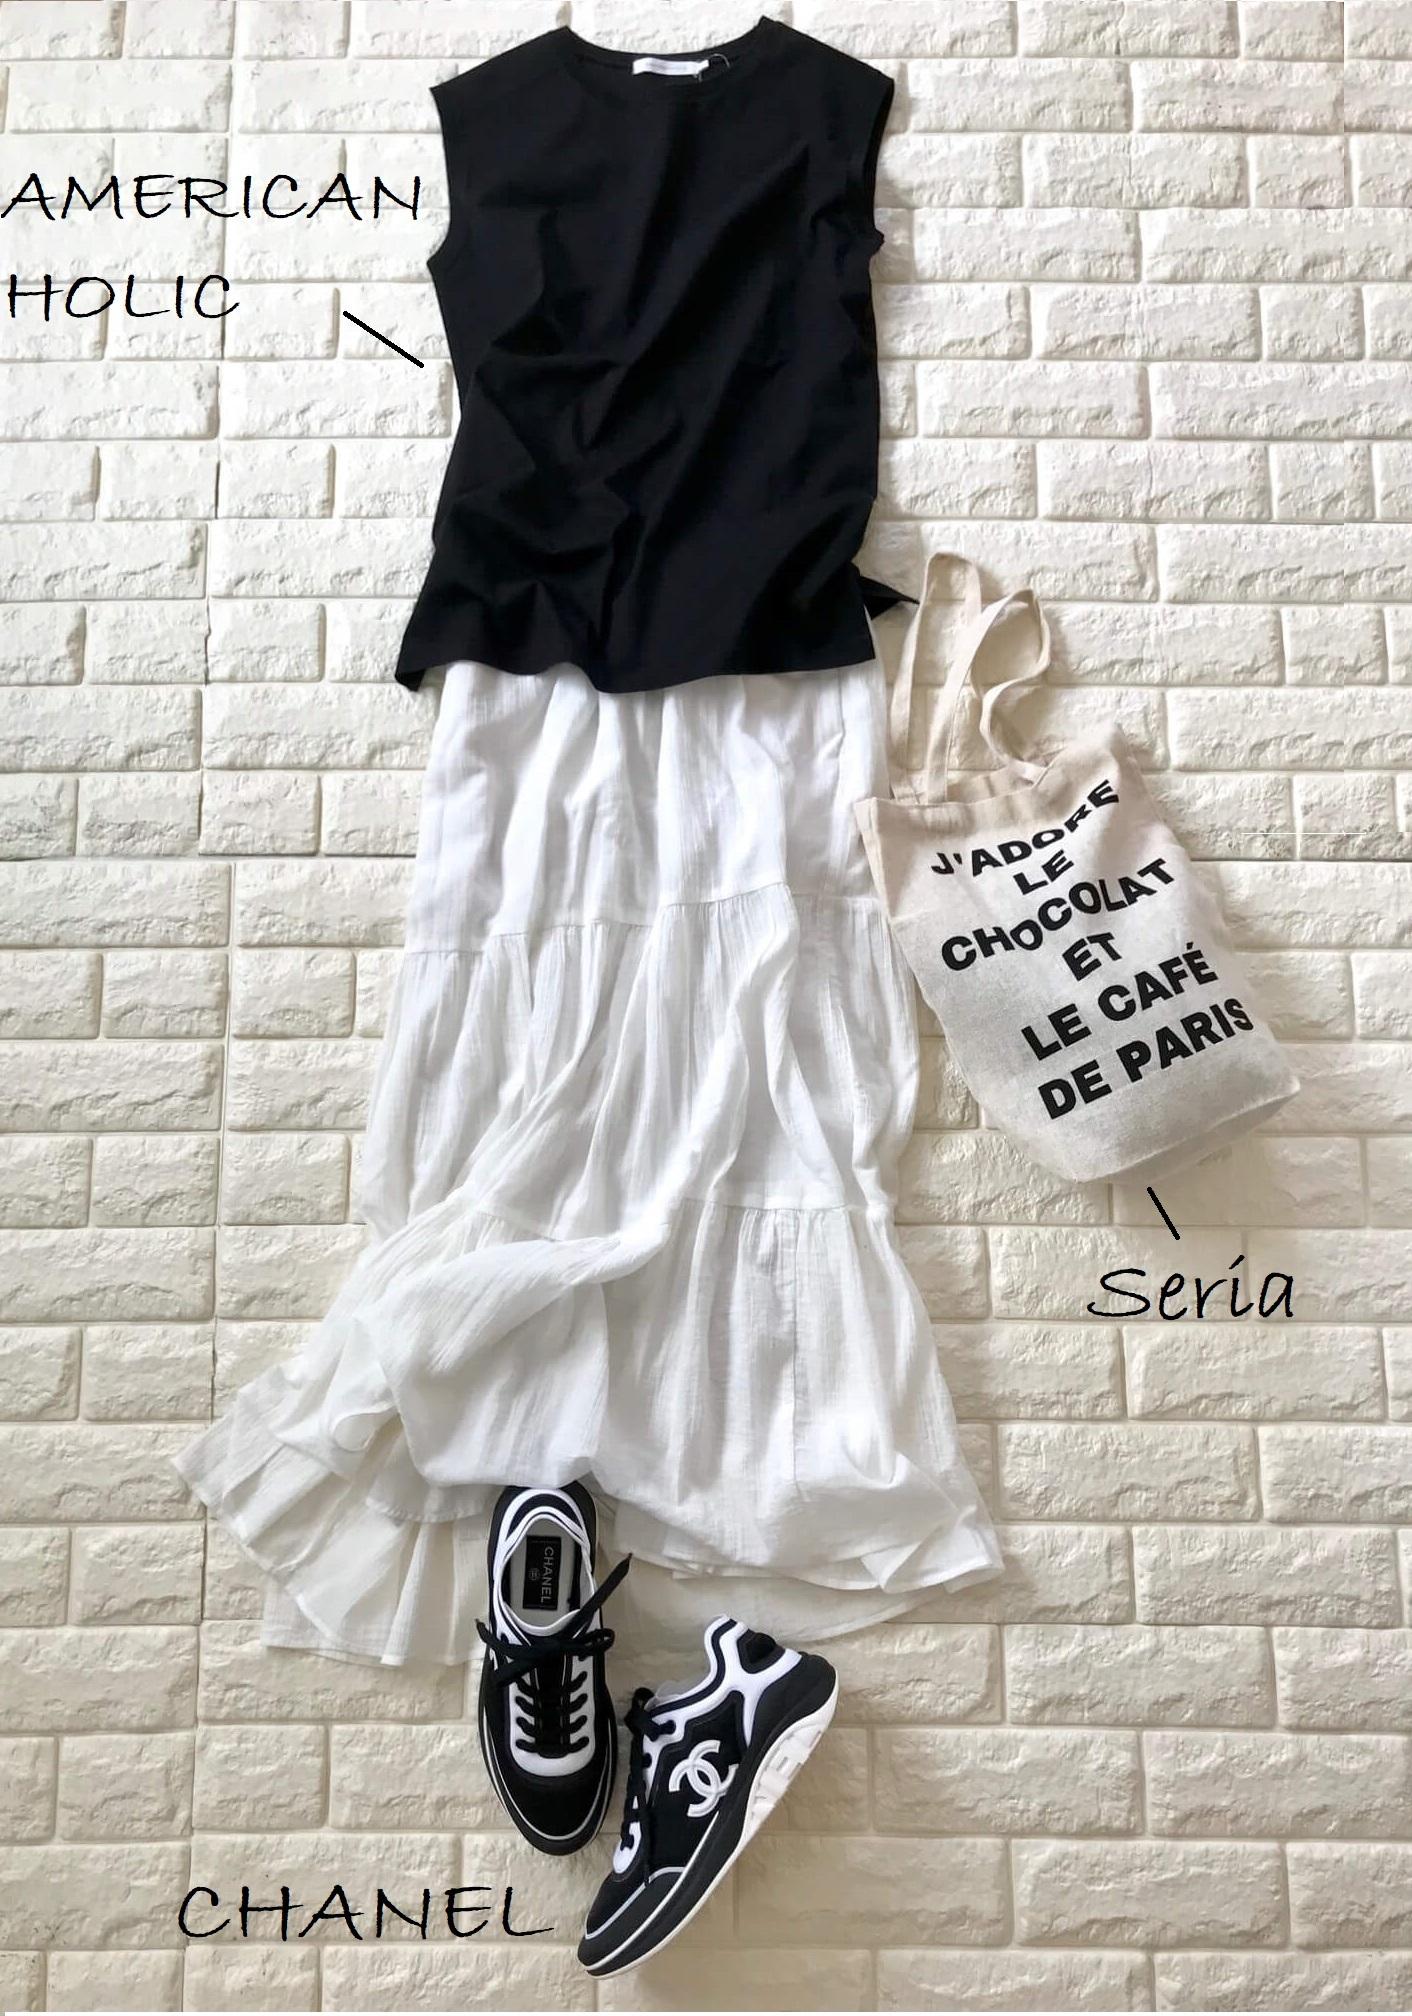 ユニクロの白スカートに黒を合わせたスニーカーコーデ